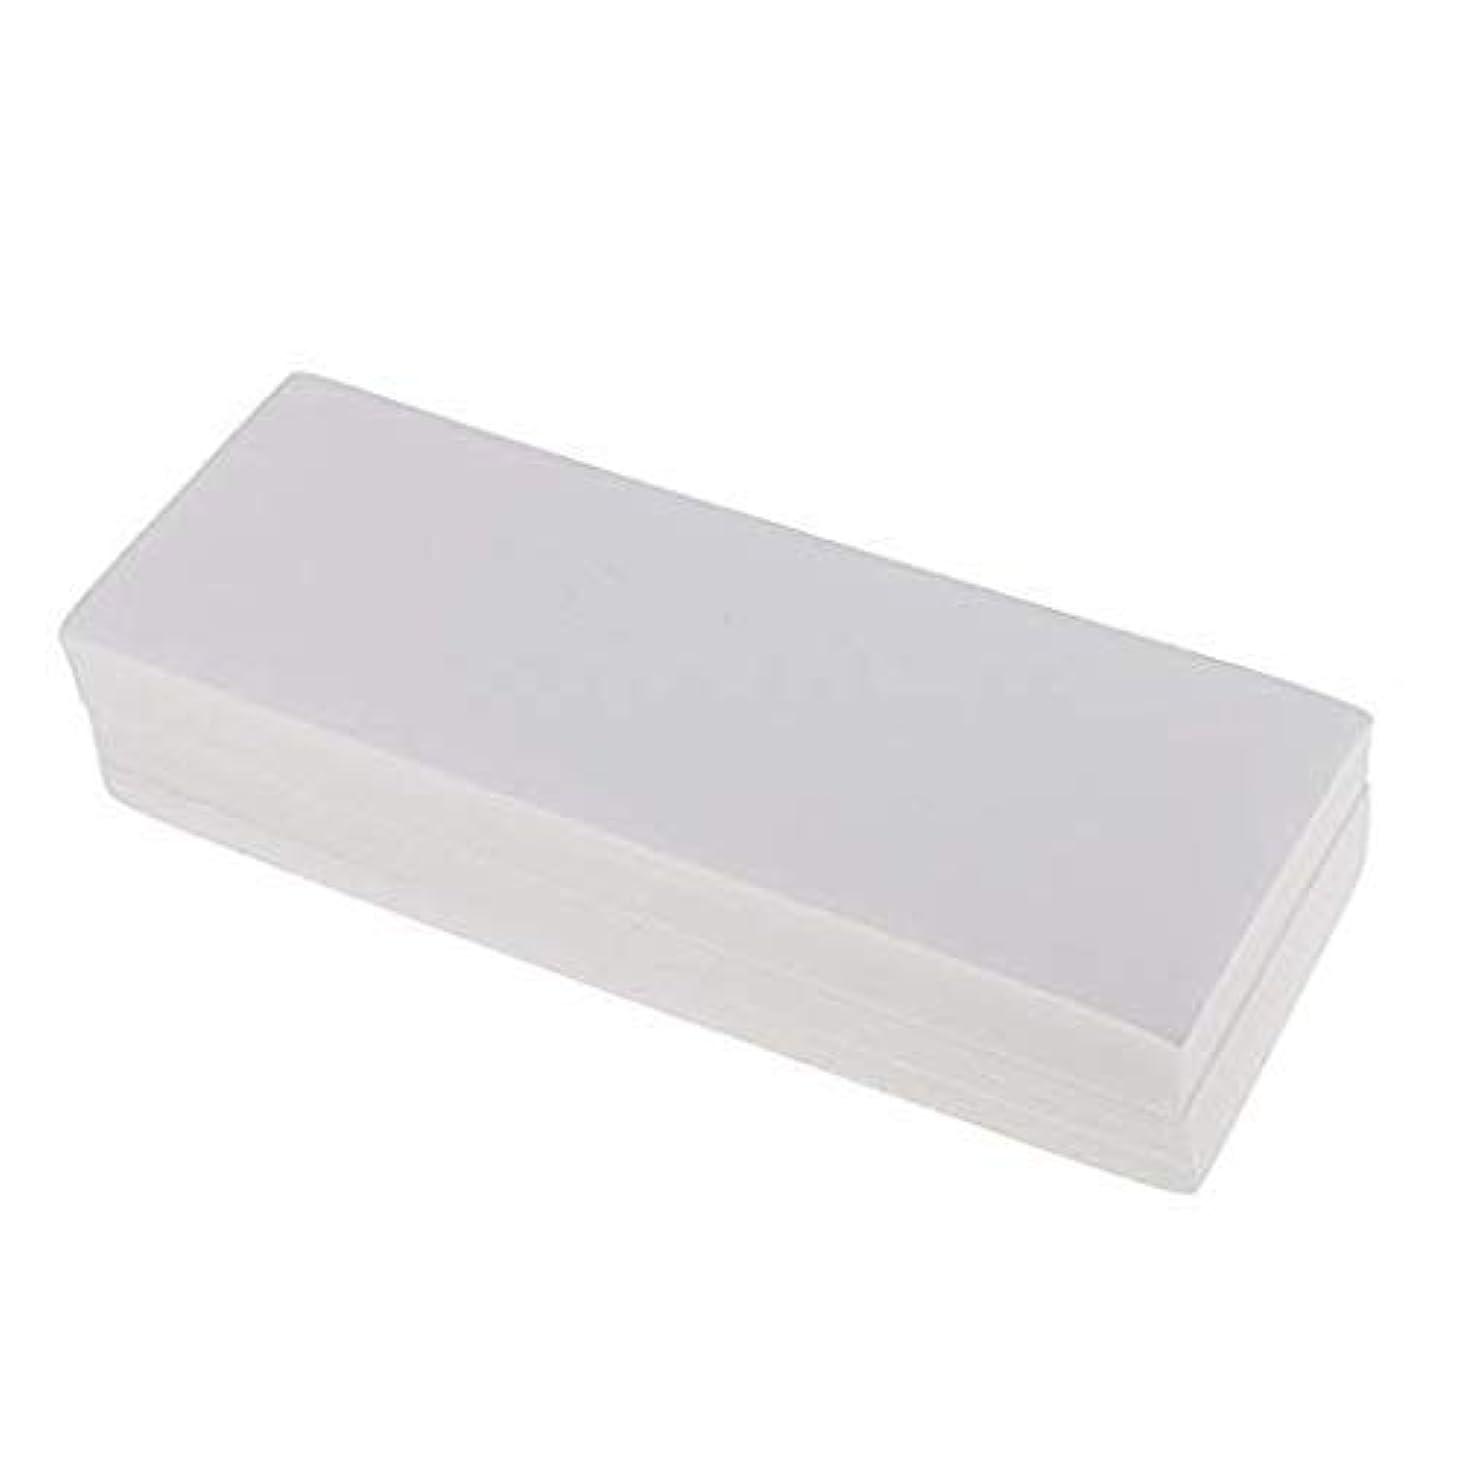 呼ぶ洗うゴミ箱100個 不織布紙 ワックスストリップ 使い捨て 脱毛 論文 脱毛 ワックスストリップ 合う ボディレッグのビキニラインの敏感なエリア